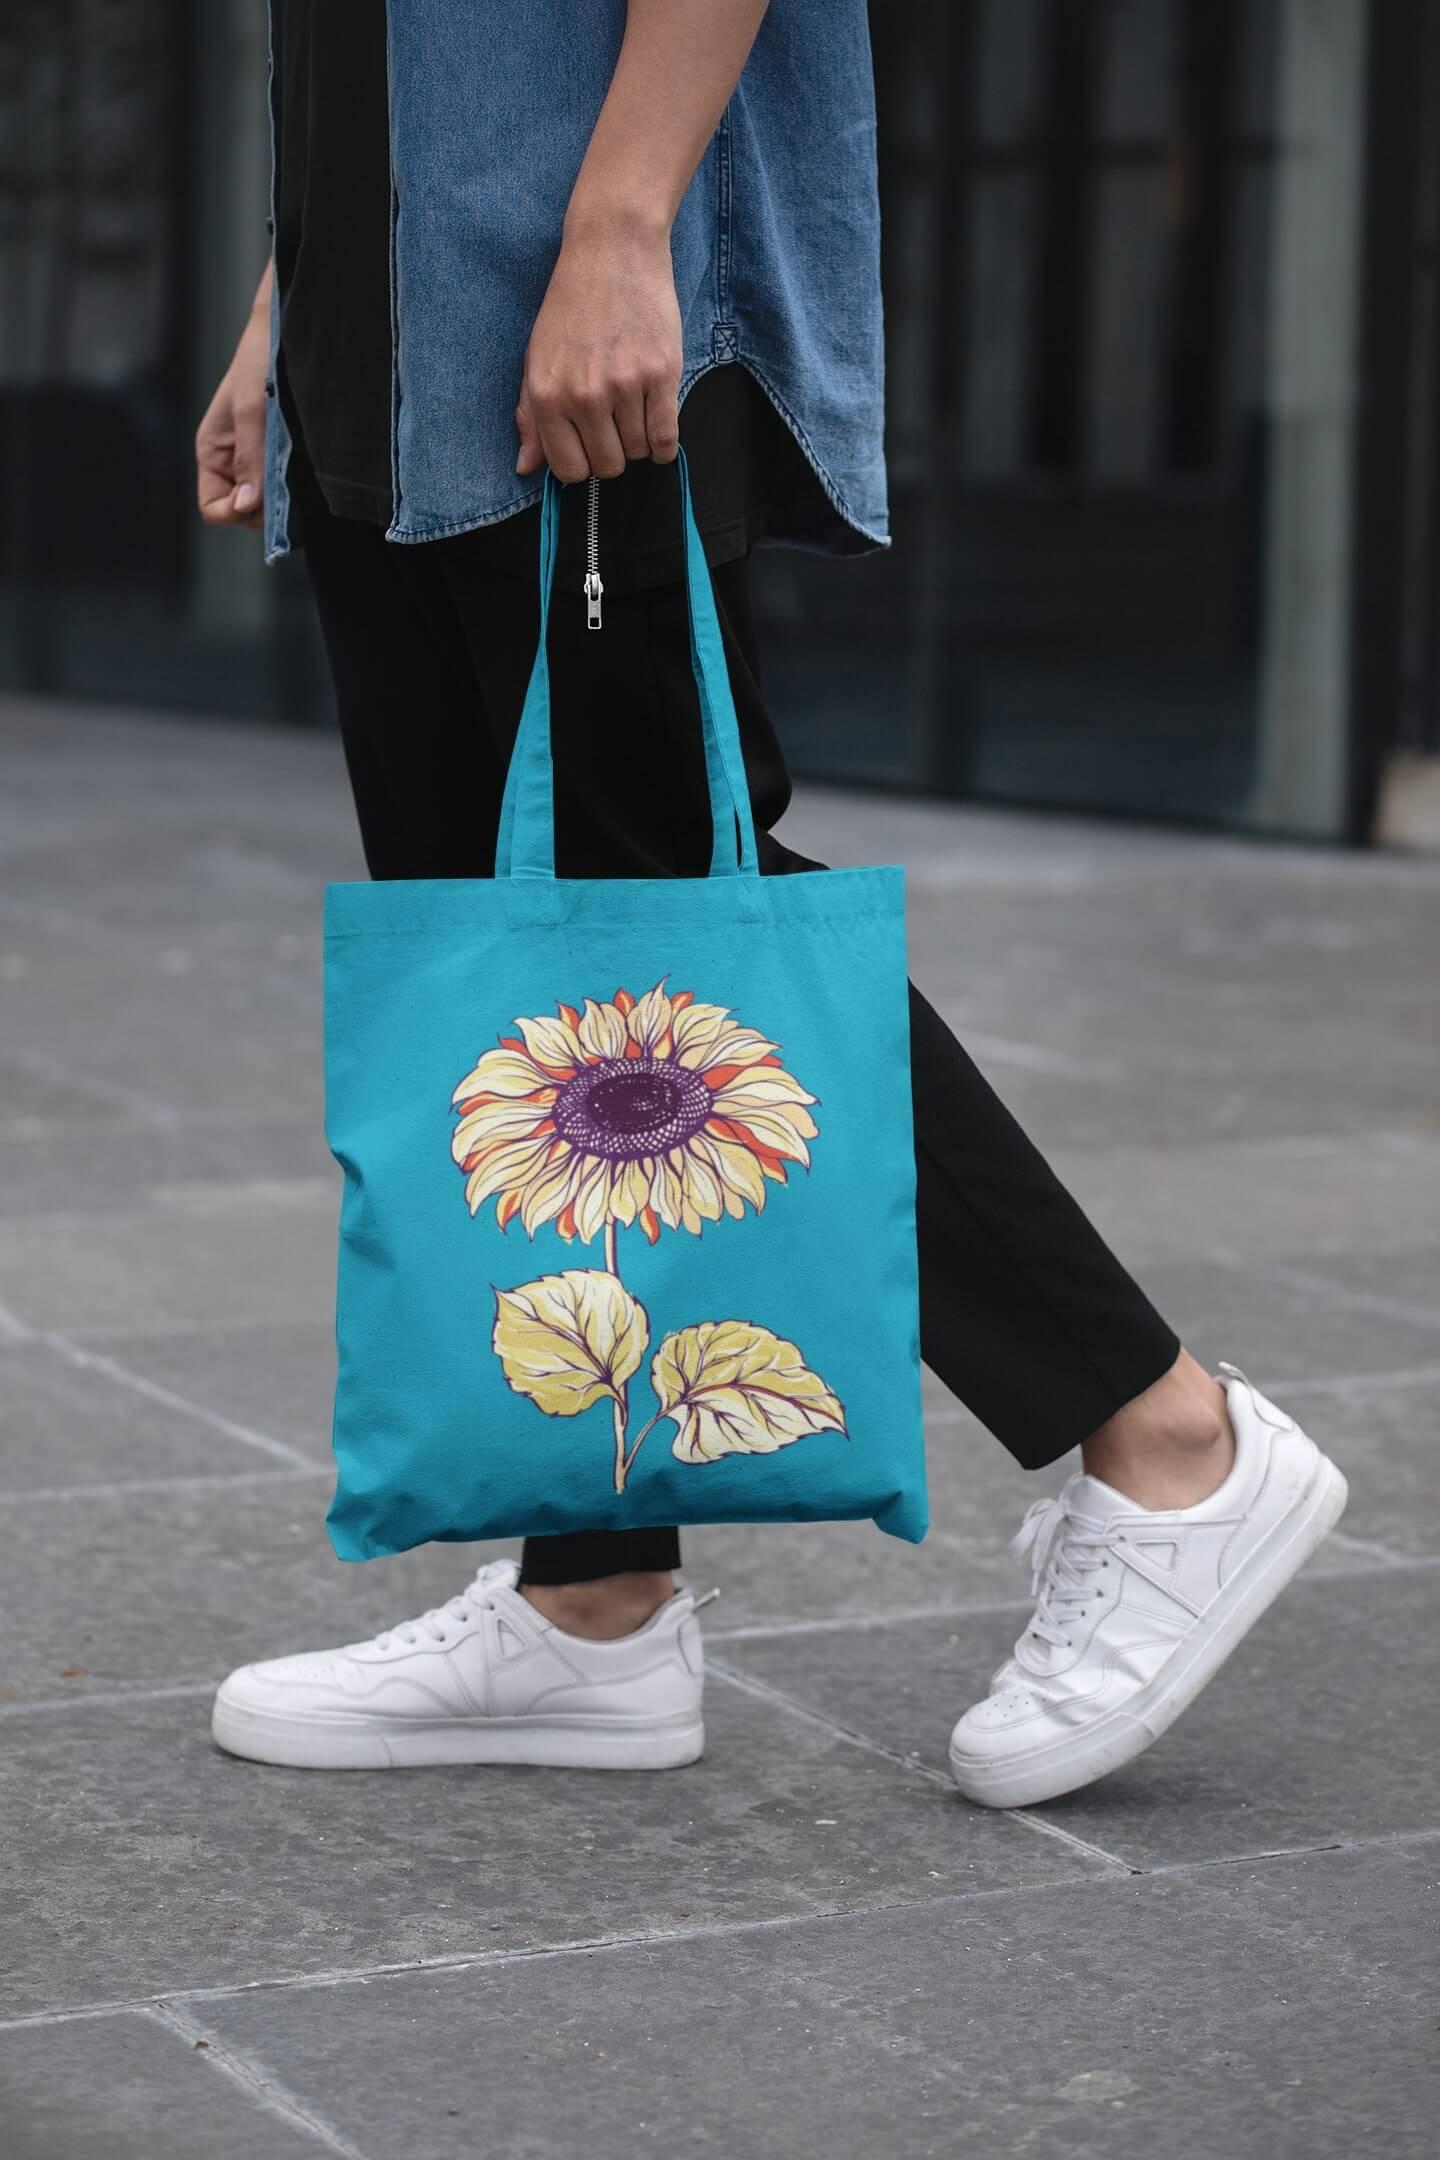 MMO Bavlnená taška Slnečnica Farba tašky: Tyrkysová